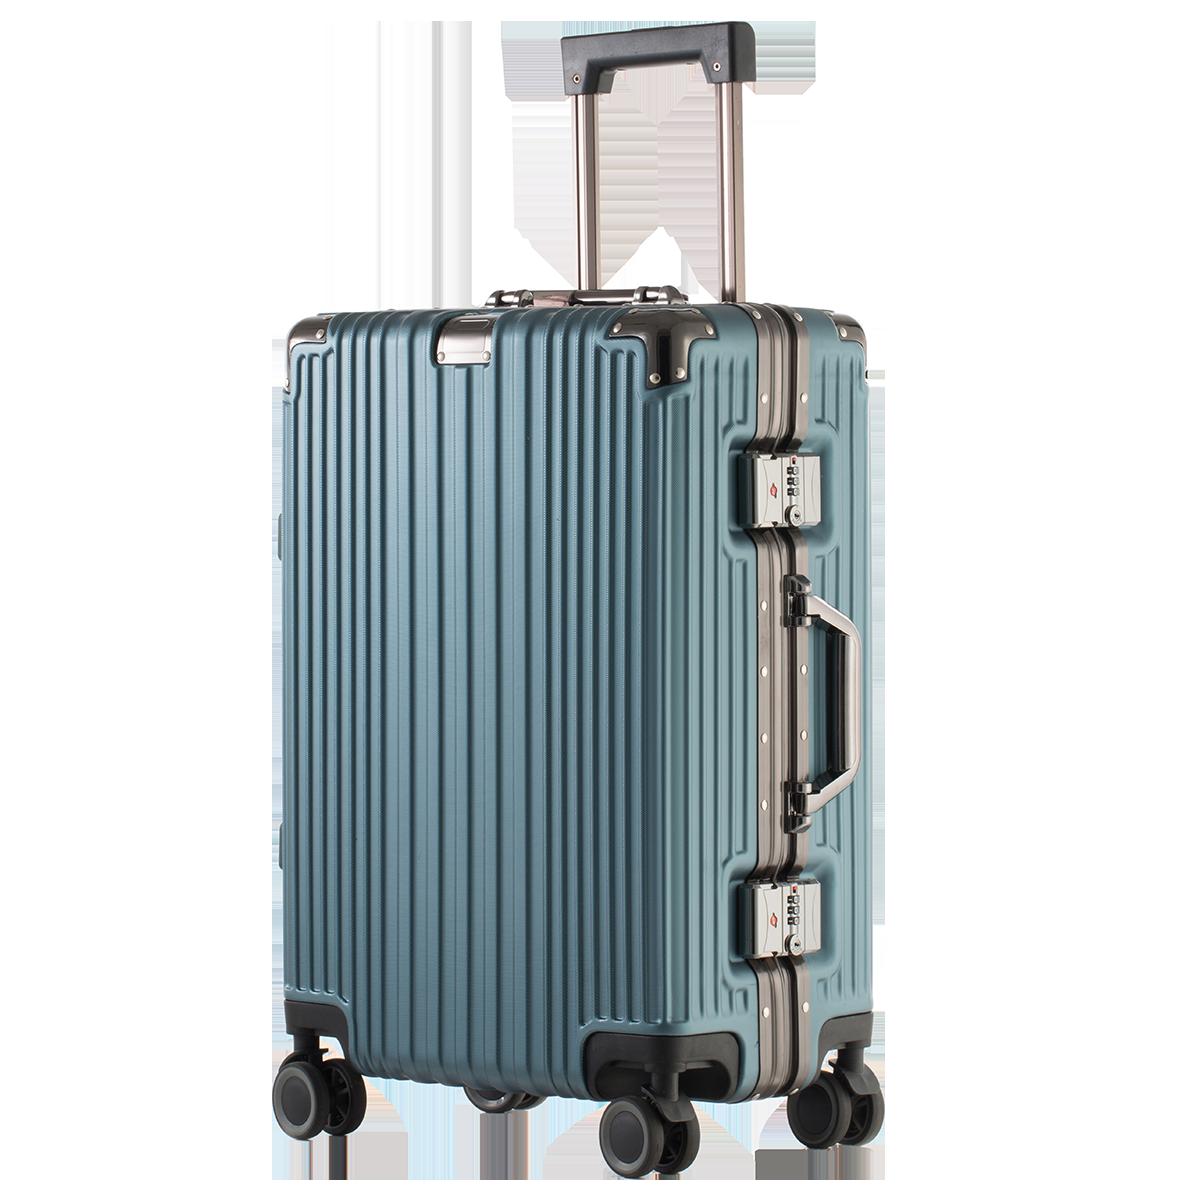 寸女男学生 24 寸密码箱子 20 潮拉杆箱万向轮 ins 旅行箱行李箱女网红